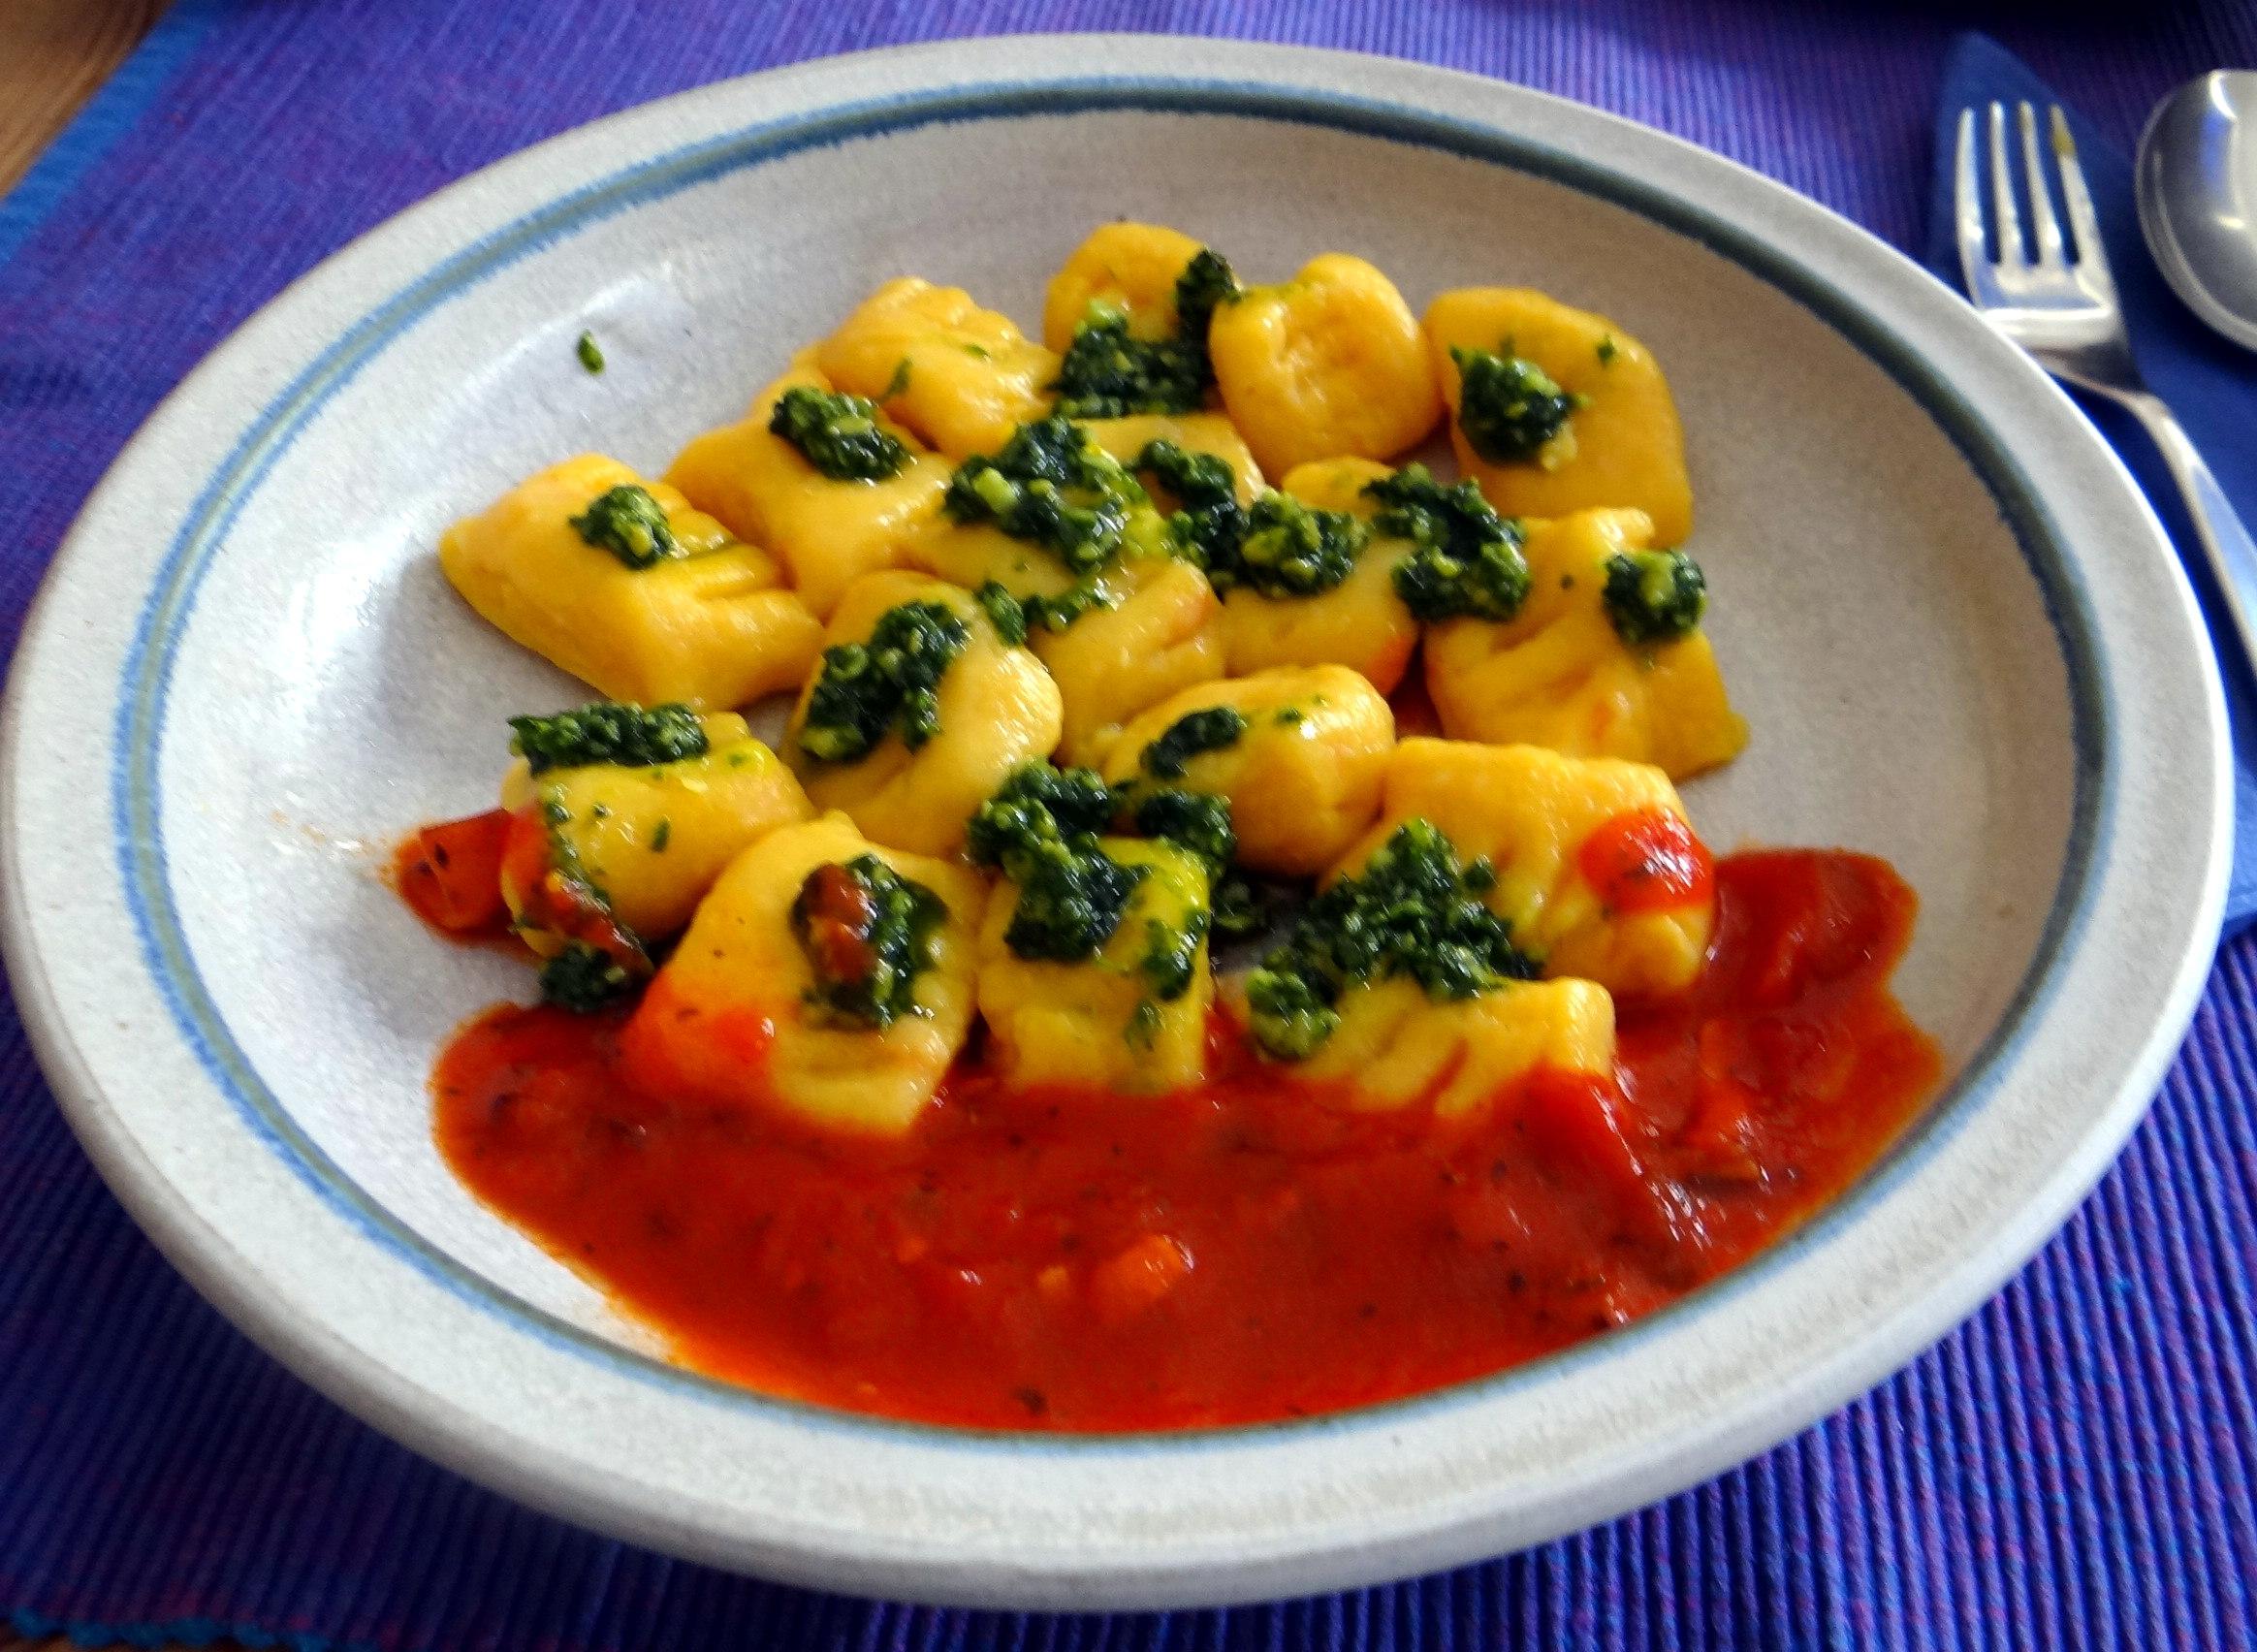 Kartoffel-Kürbis Gnocchis,Tomatensoße,Gurkensalat,vegetarisch (23)